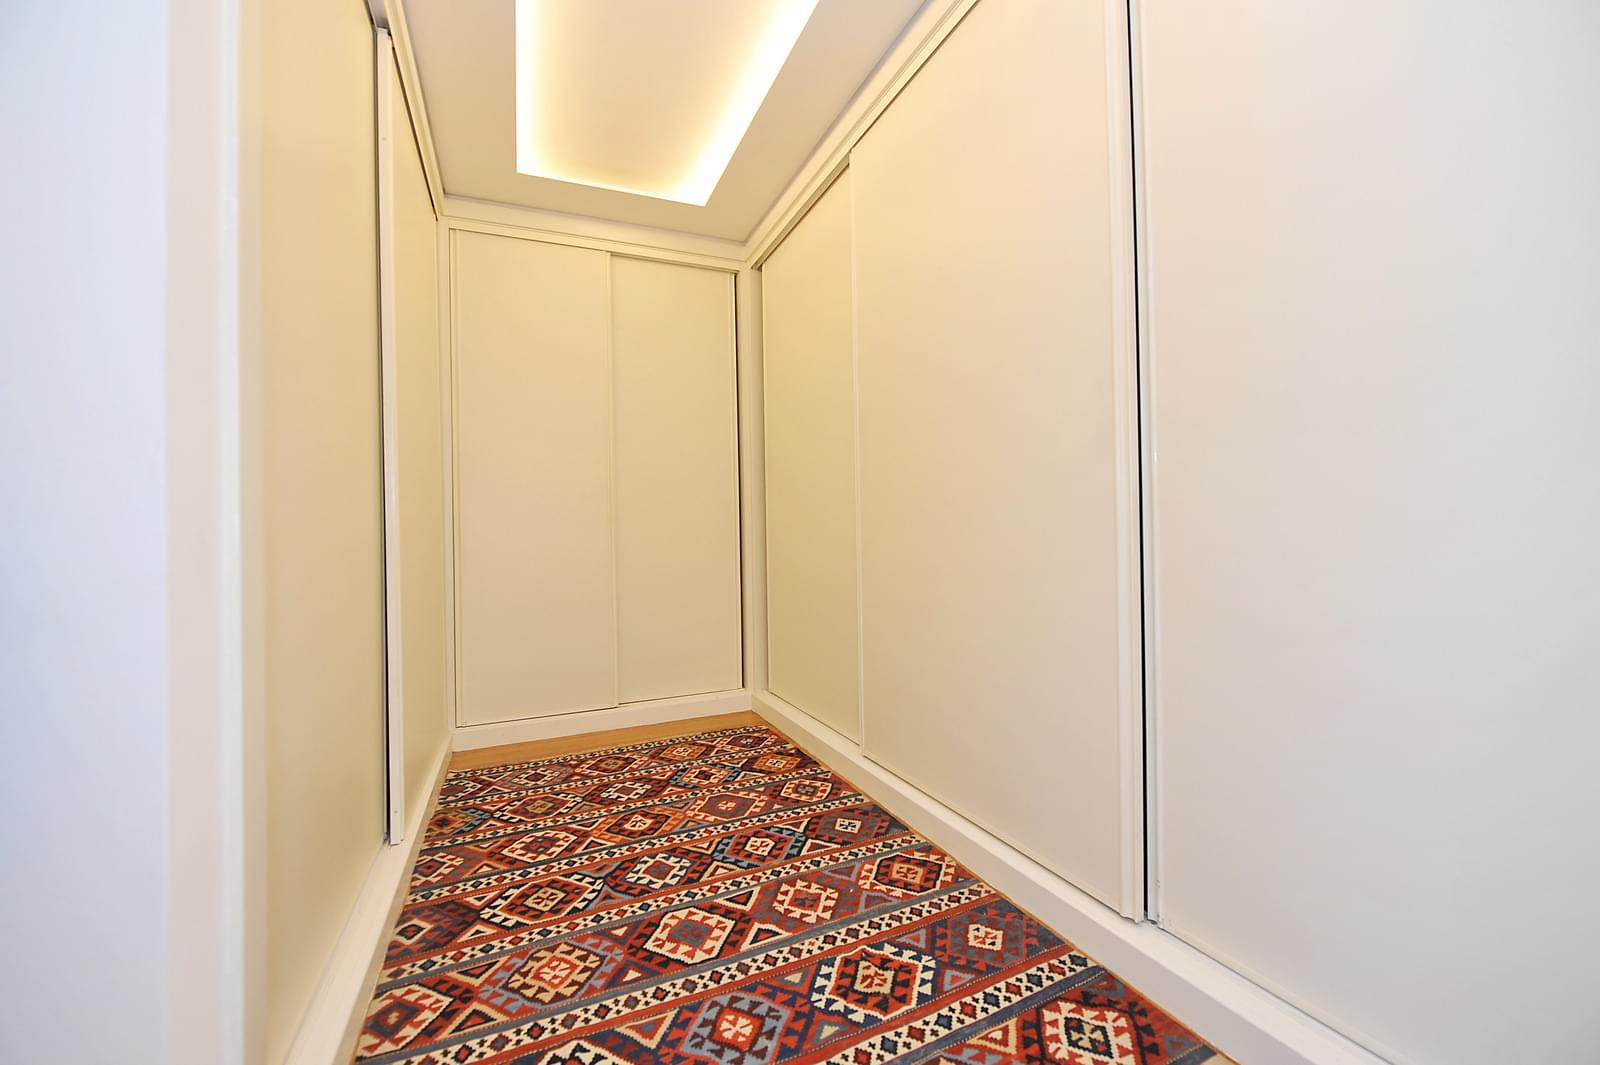 pf18957-apartamento-t5-oeiras-b505037e-69db-4e6e-ac96-c12c835b5481